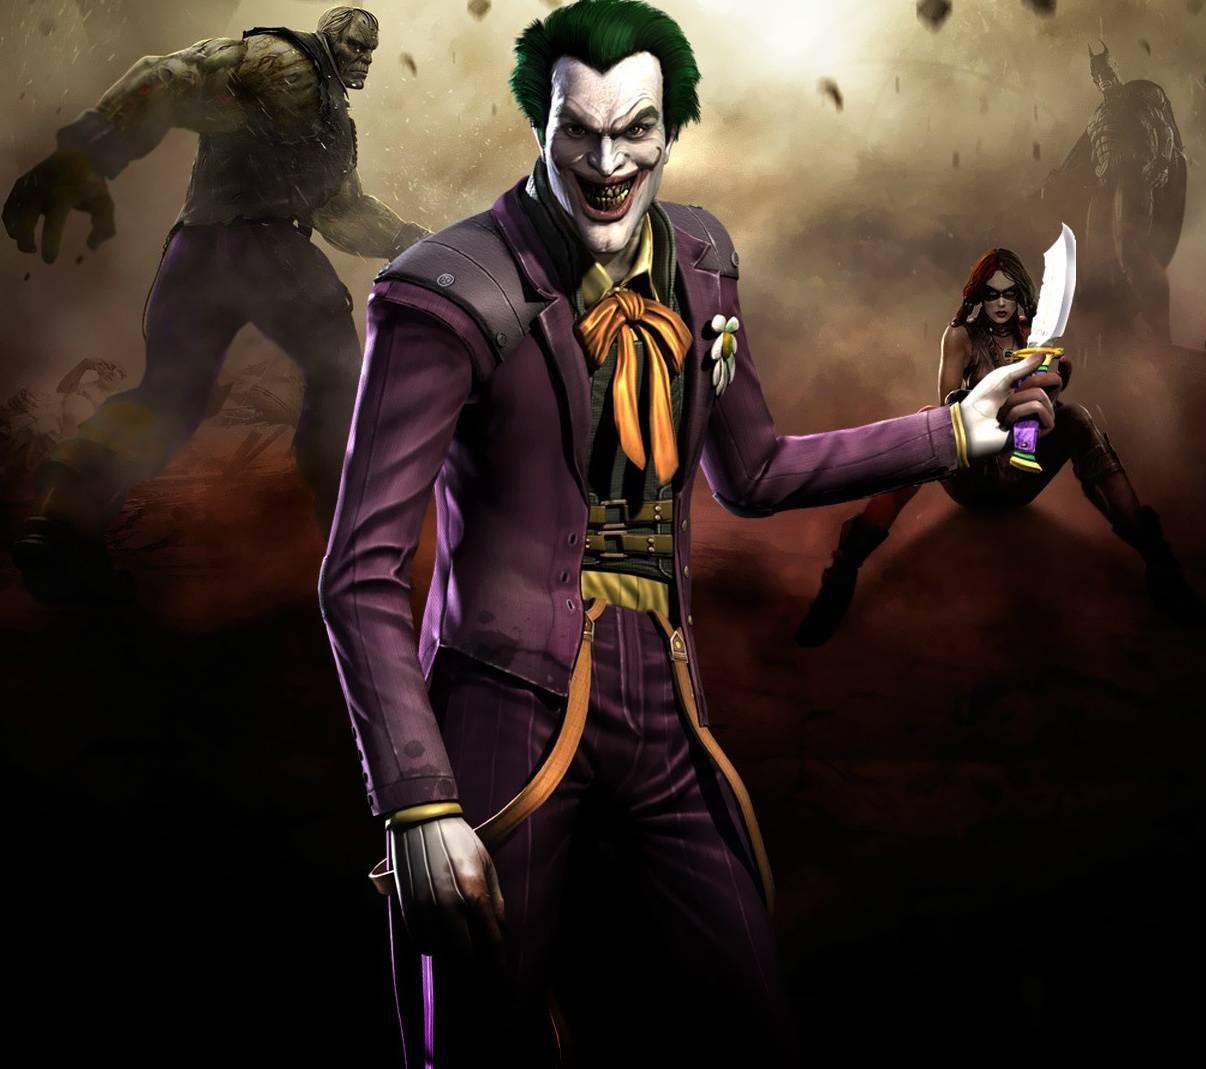 Injustice - Joker